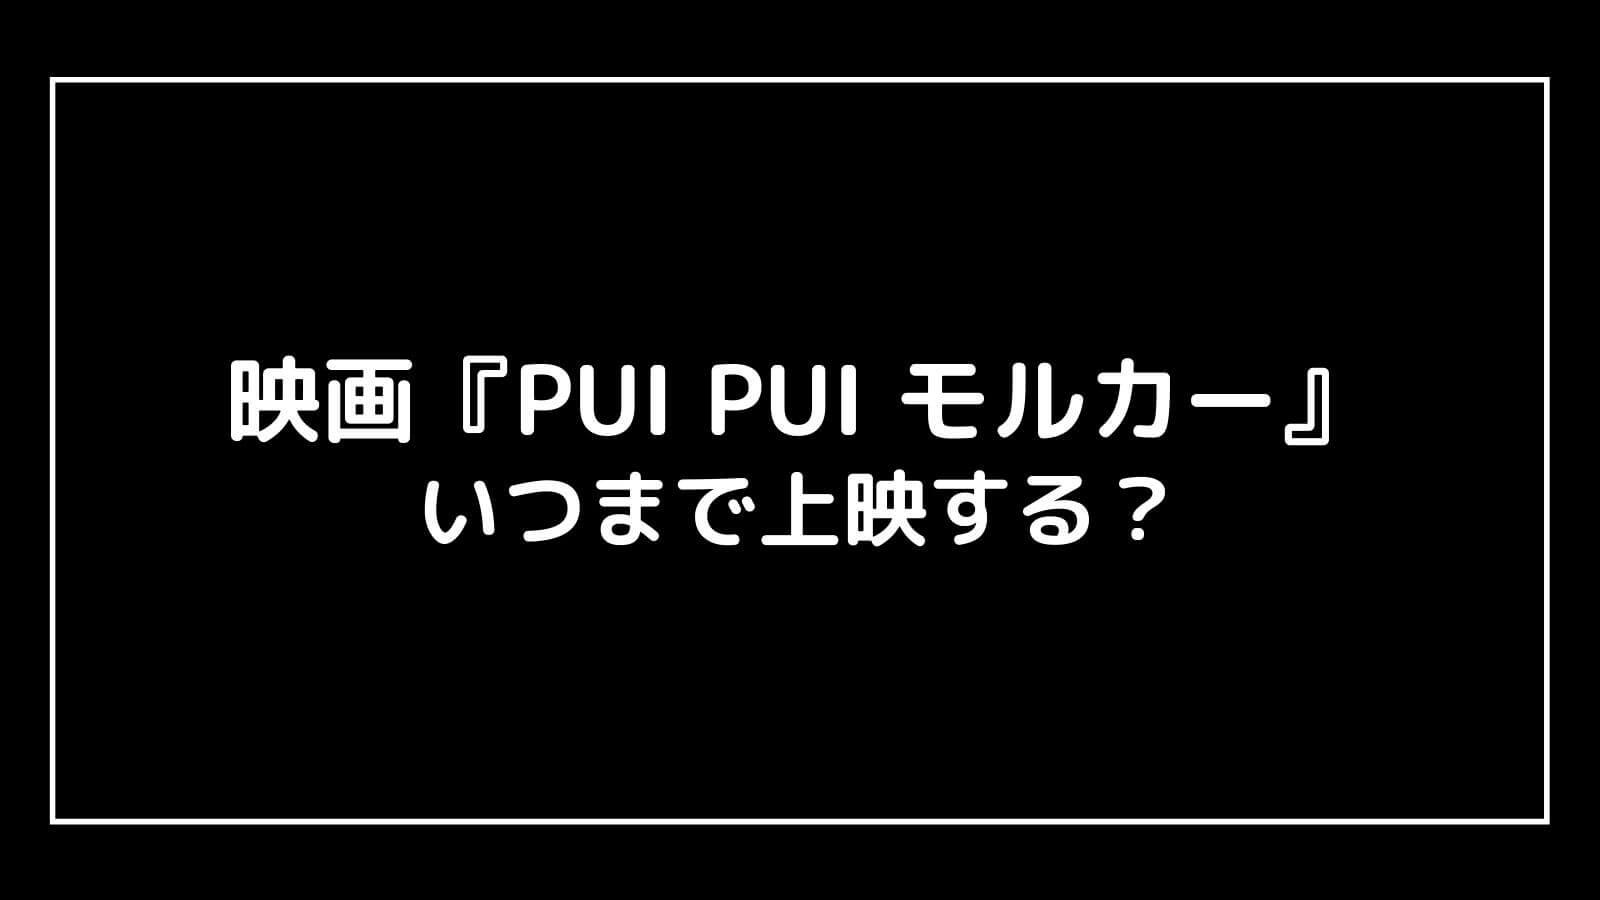 映画『PUI PUI モルカー』はいつからいつまで上映する?元映画館社員が公開期間を解説